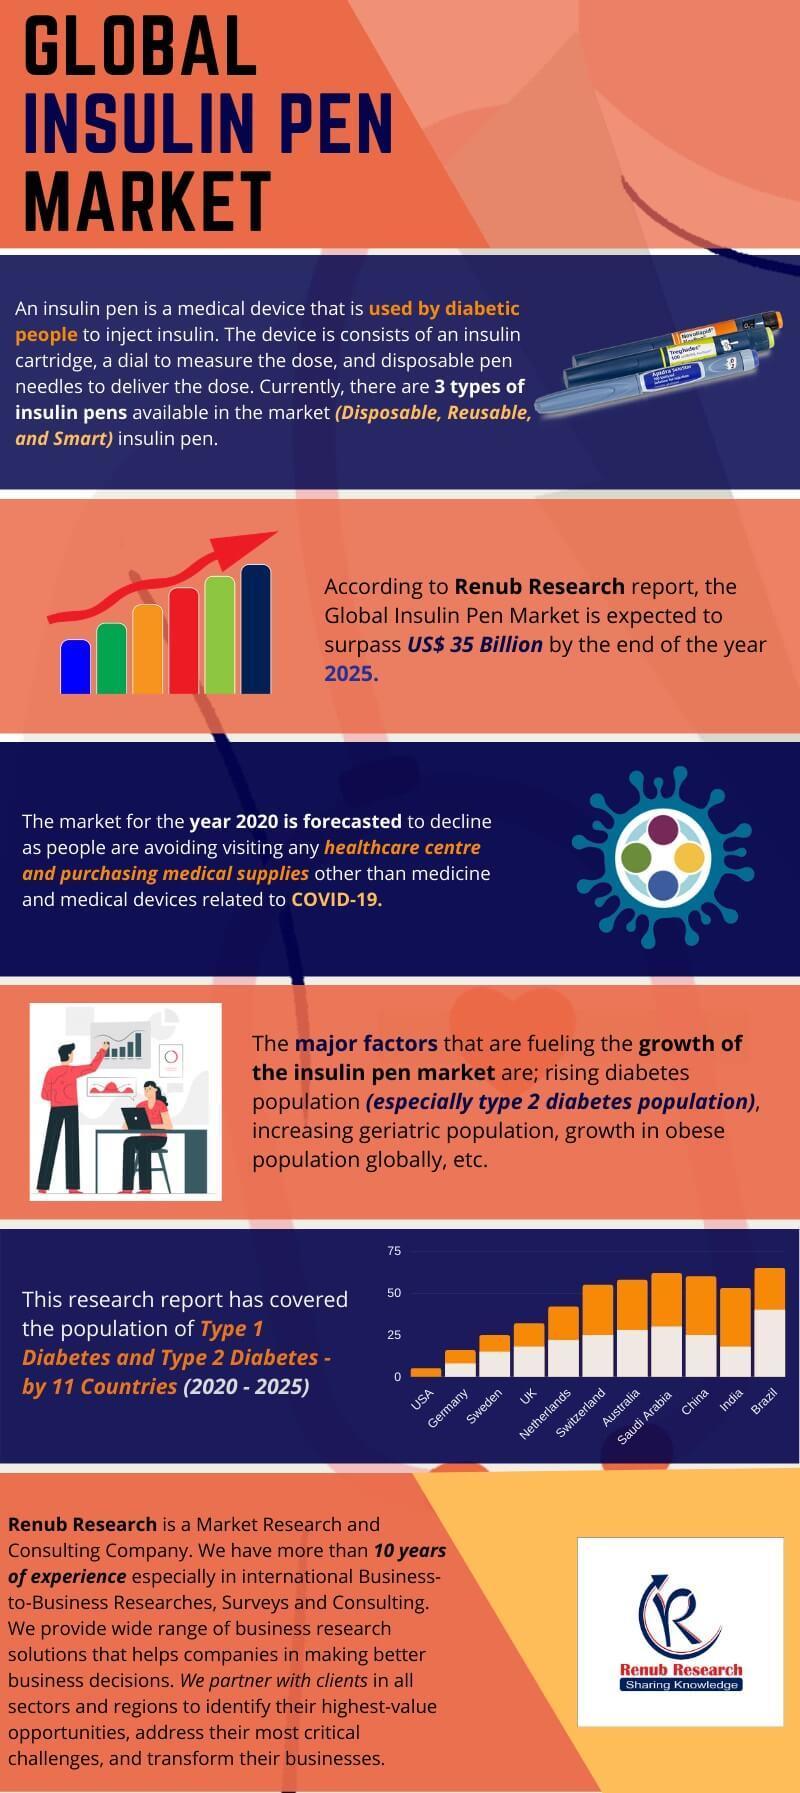 Global Insulin Pen Market